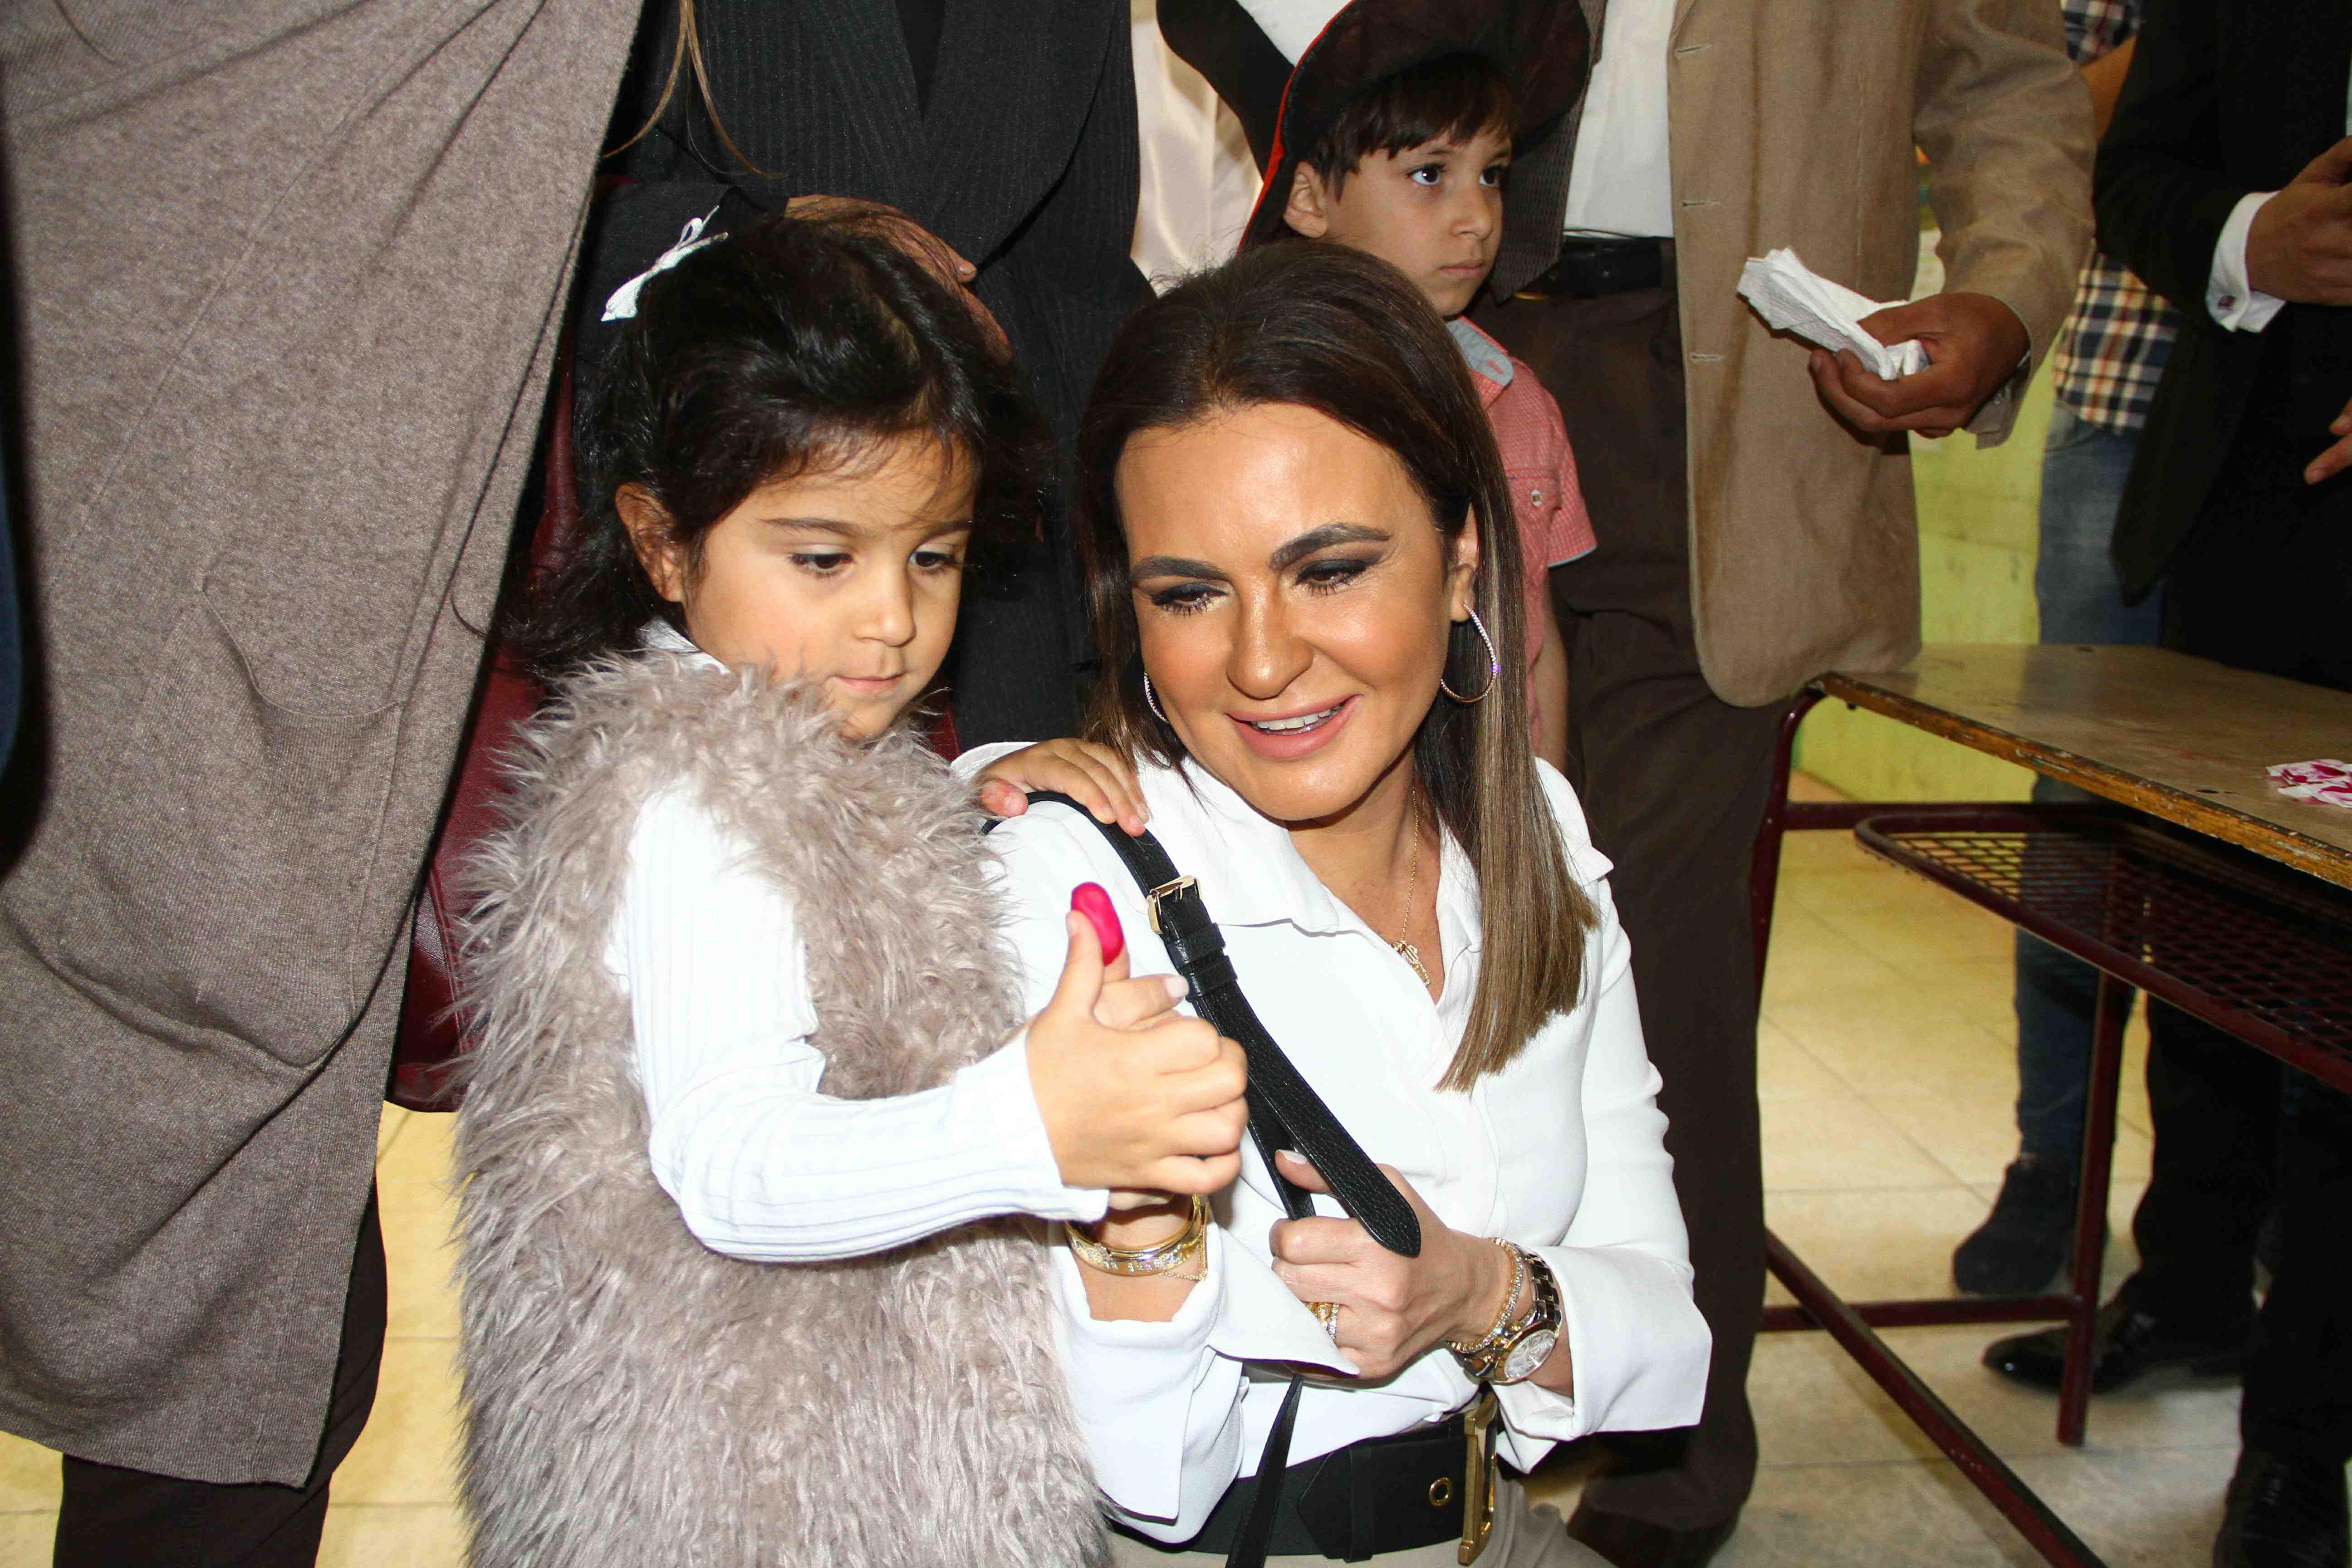 وزيرة الاستثمار تصطحب حفيدتها فى التصويت على التعديلات الدستورية102